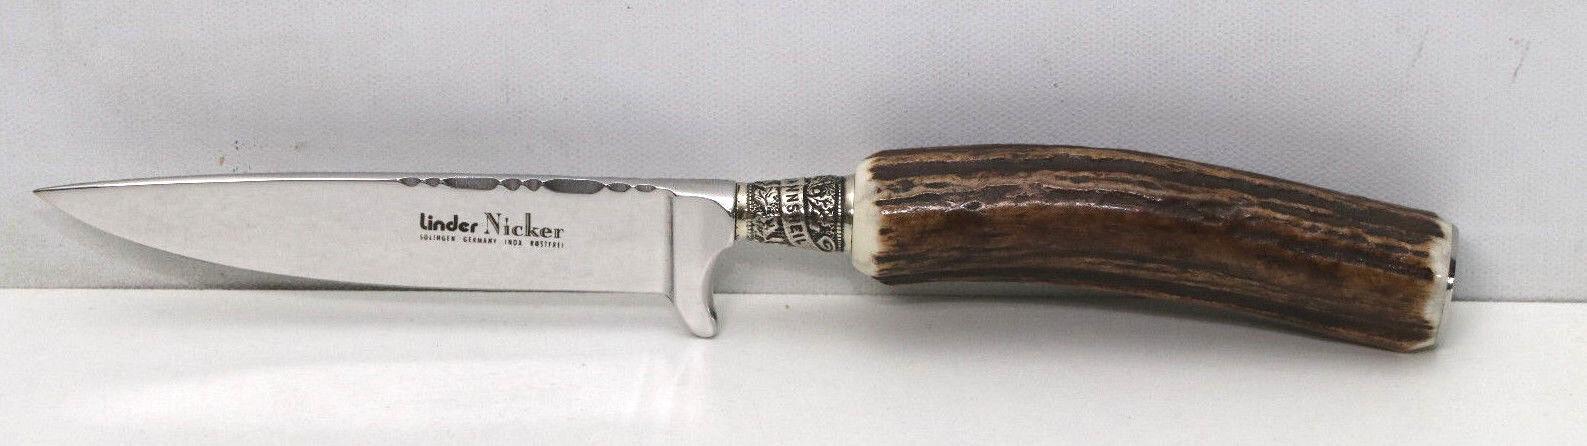 Linder Trachtenmesser Outdoormesser Jagdmesser Taschenmesser 272210